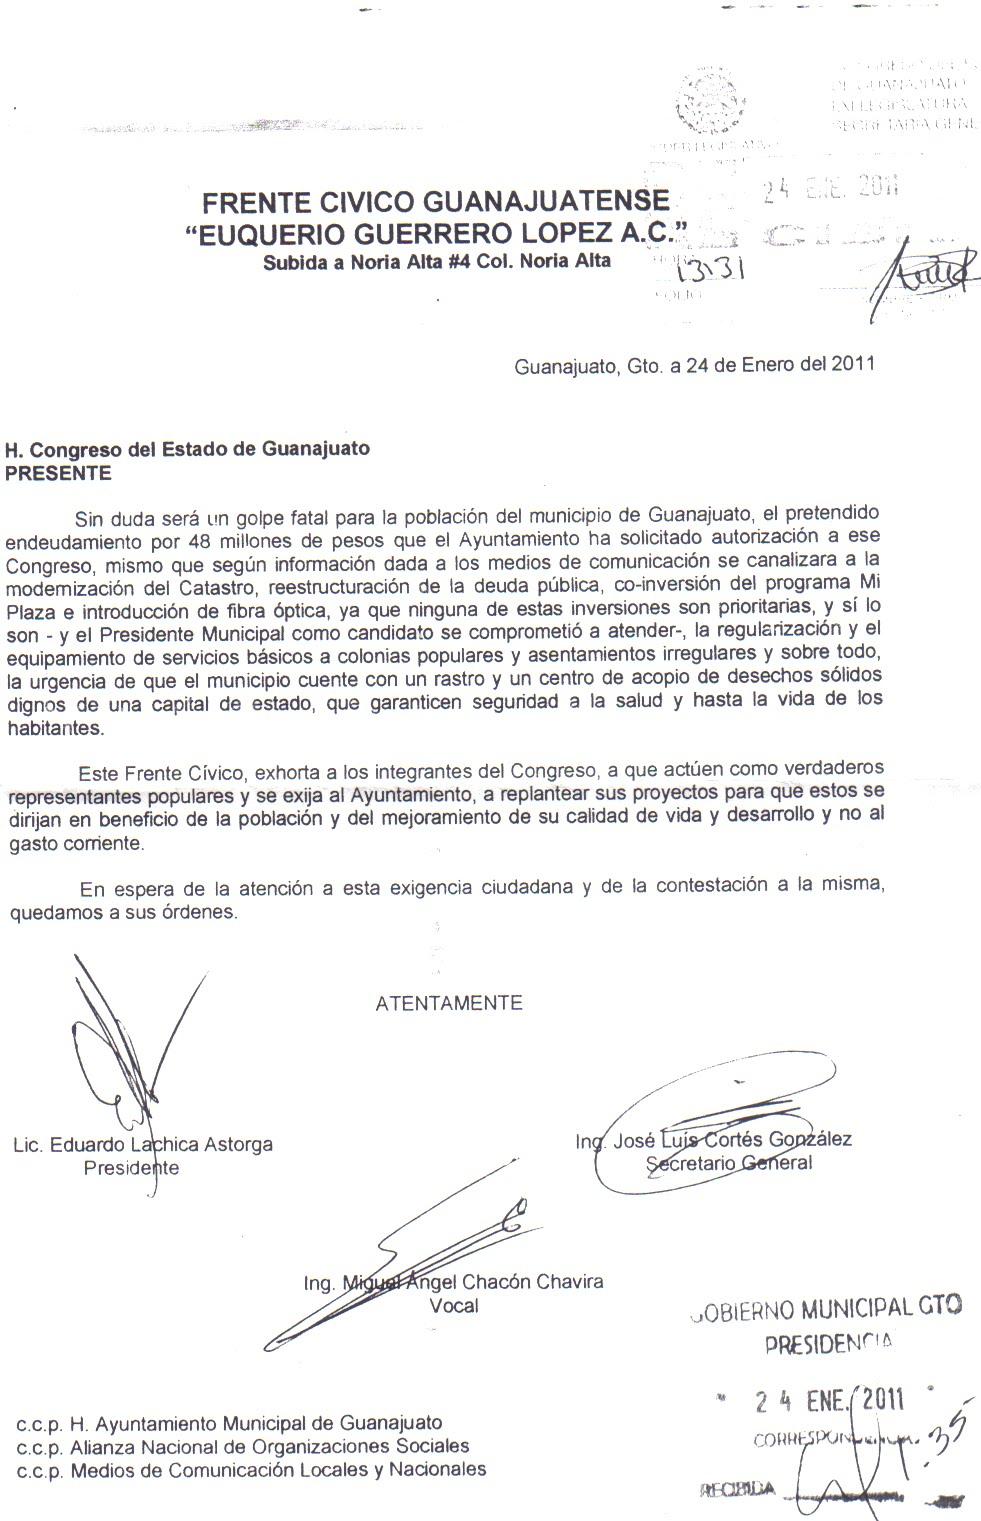 H. Congreso del Estado de Guanajuato.